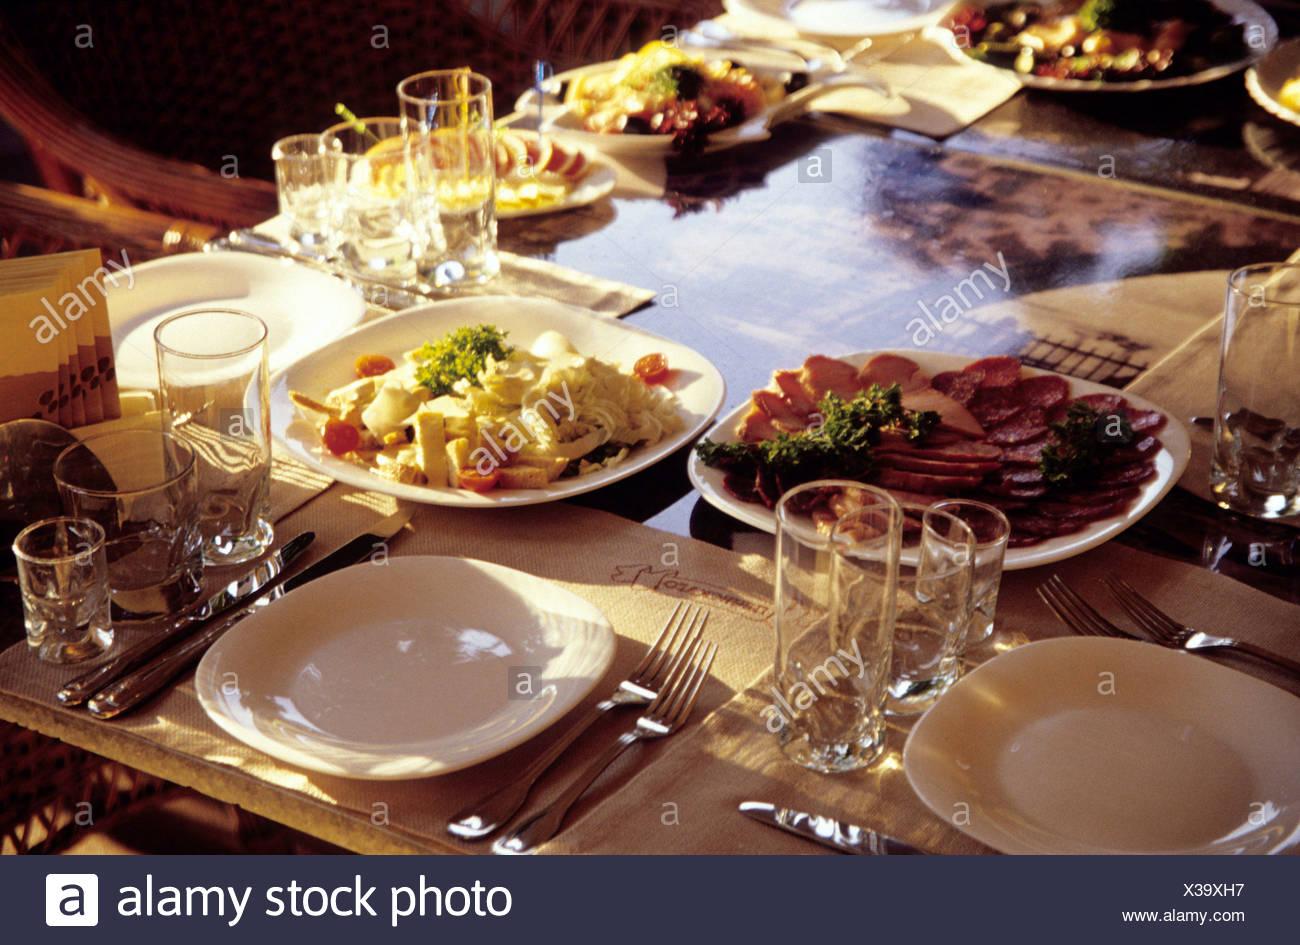 Ukraine, Odessa, Tisch im Restaurant, Einstellung Nahaufnahme Stockbild